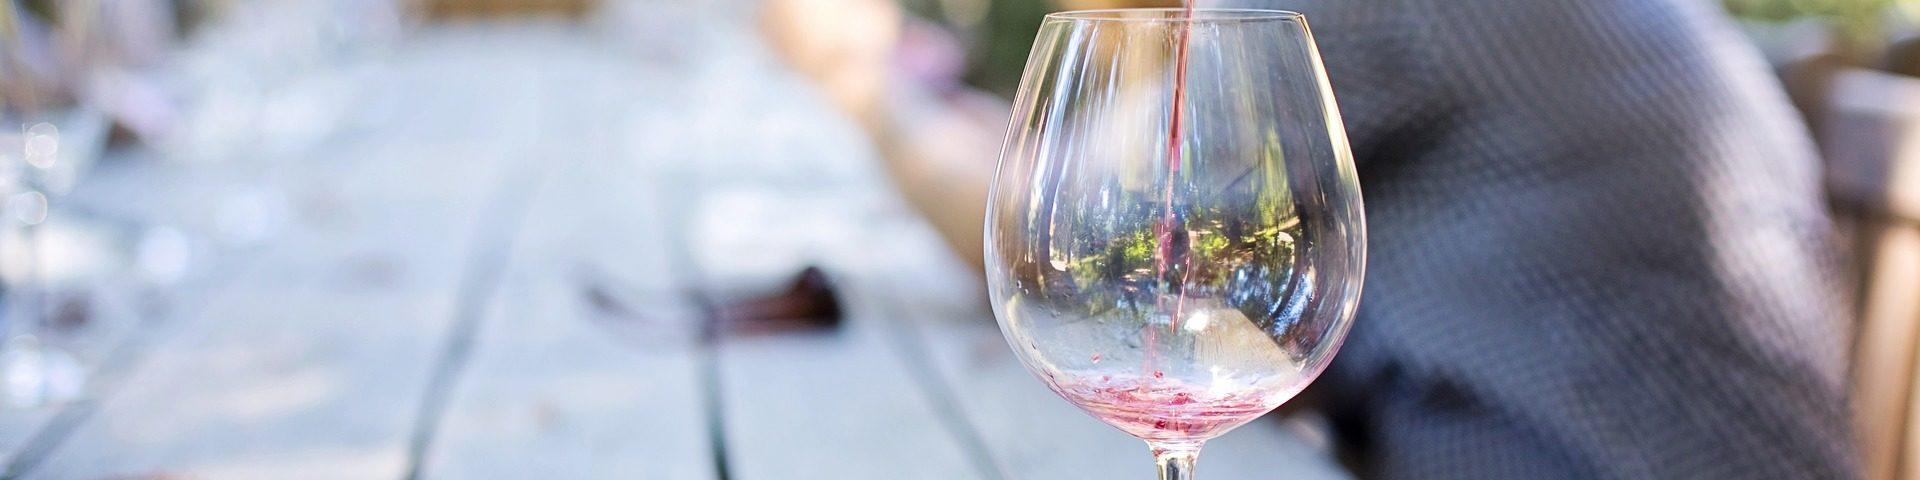 wine 1952051 1920 1920x480 - Szkoła Sommelierów - Kurs wiedzy o winie, poziom 2